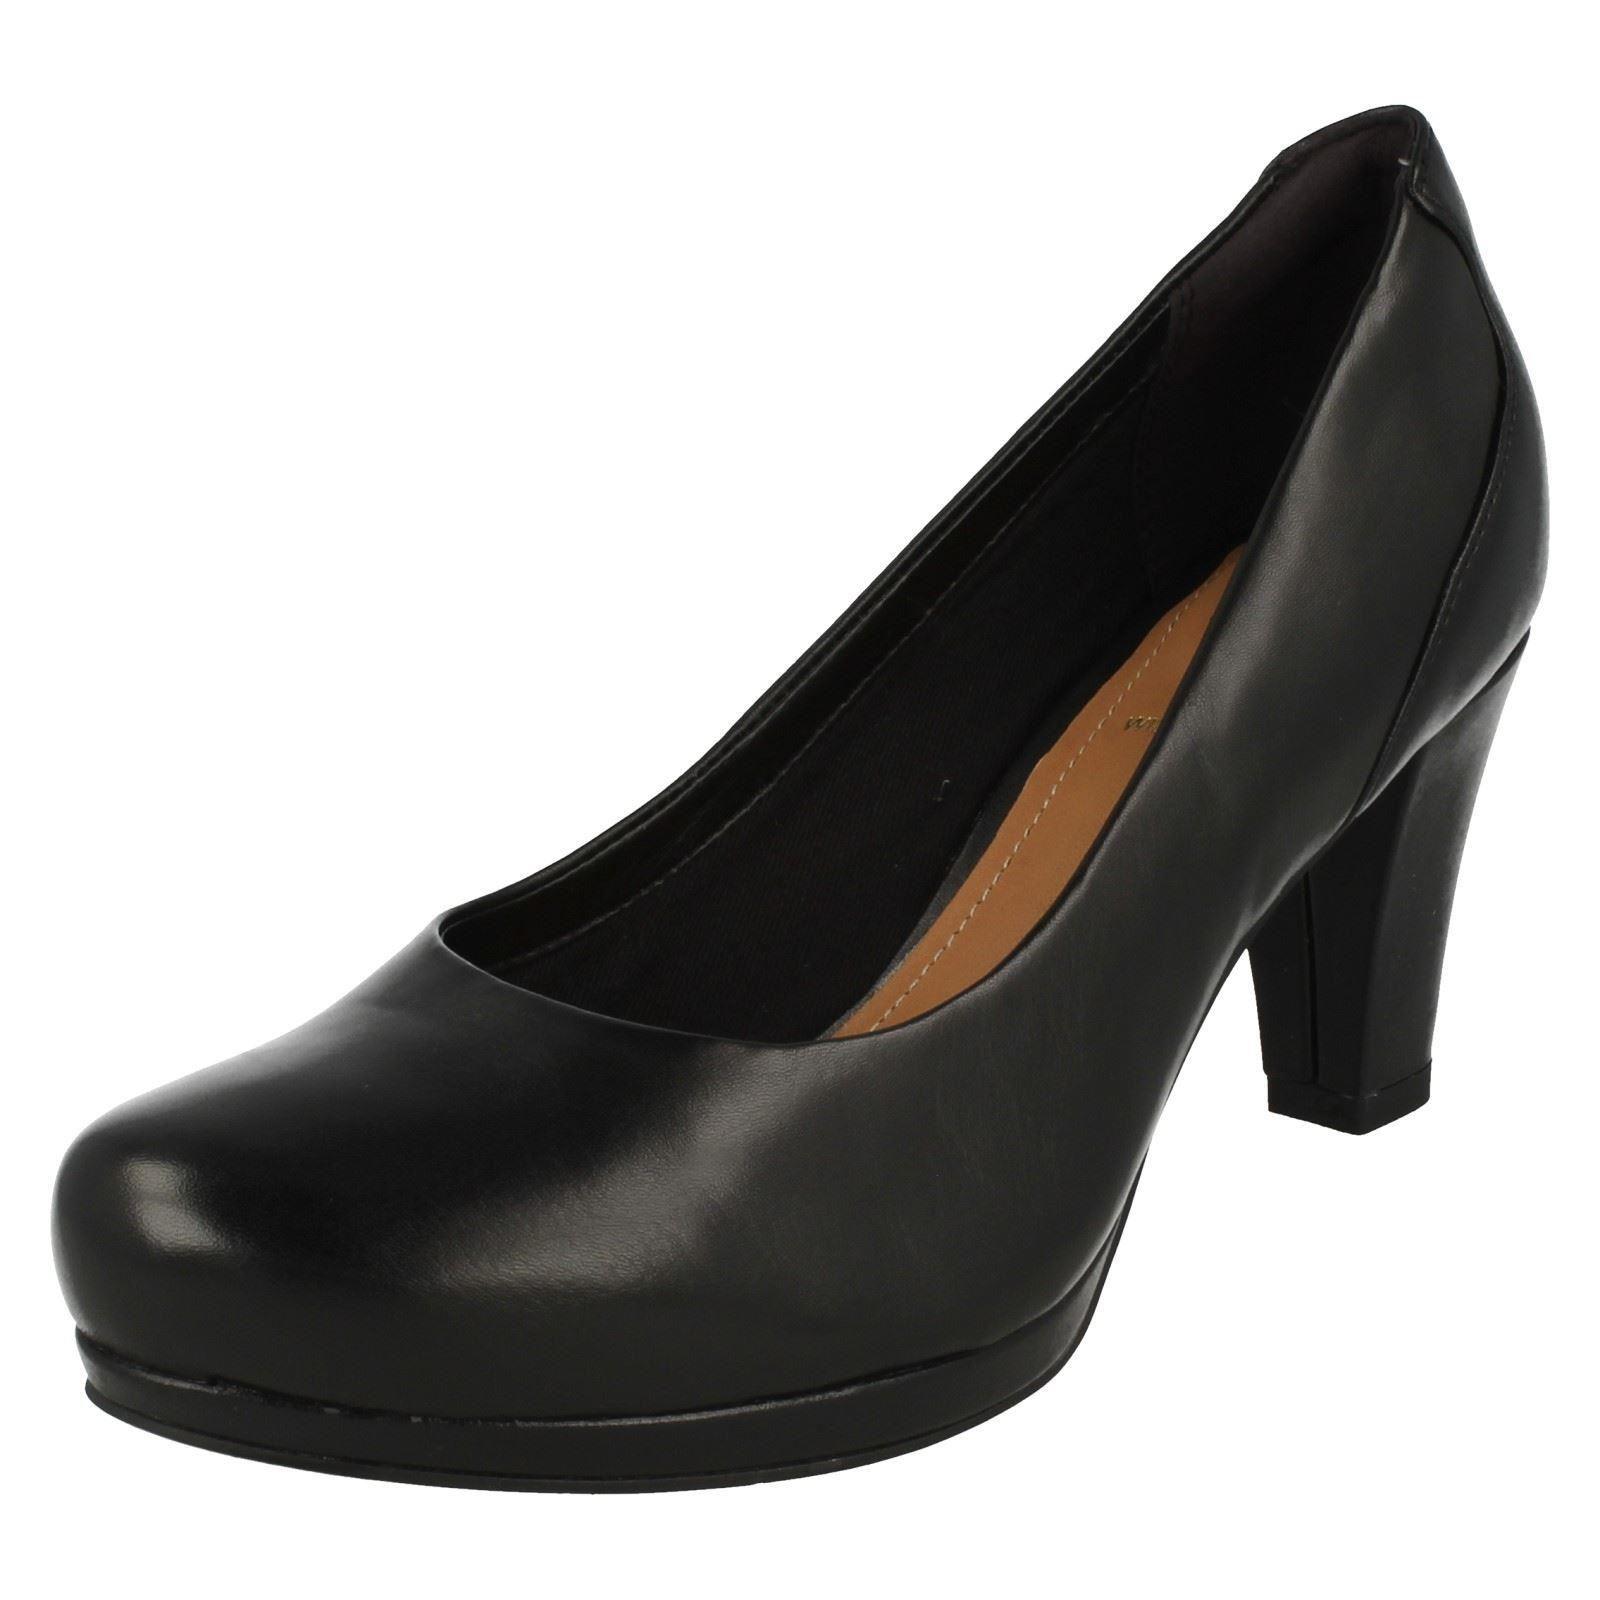 Mujer Clarks Cuero Zapatos De Salón Estilo - Auto pilot